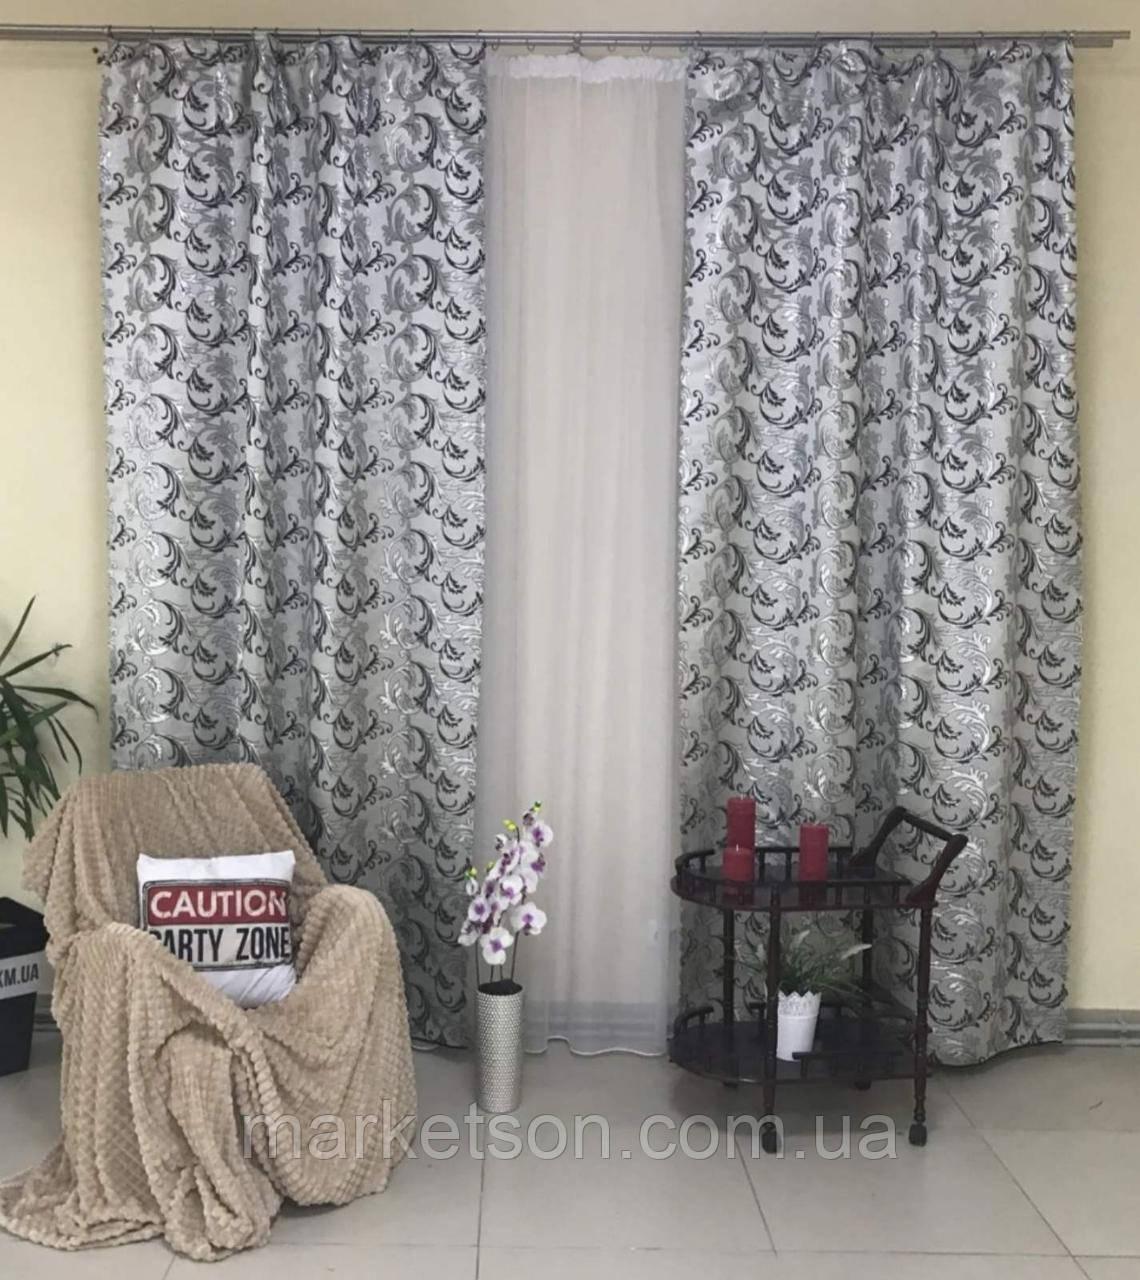 Готовые шторы 1,5х2,7м для спальни или гостинной из жаккарда